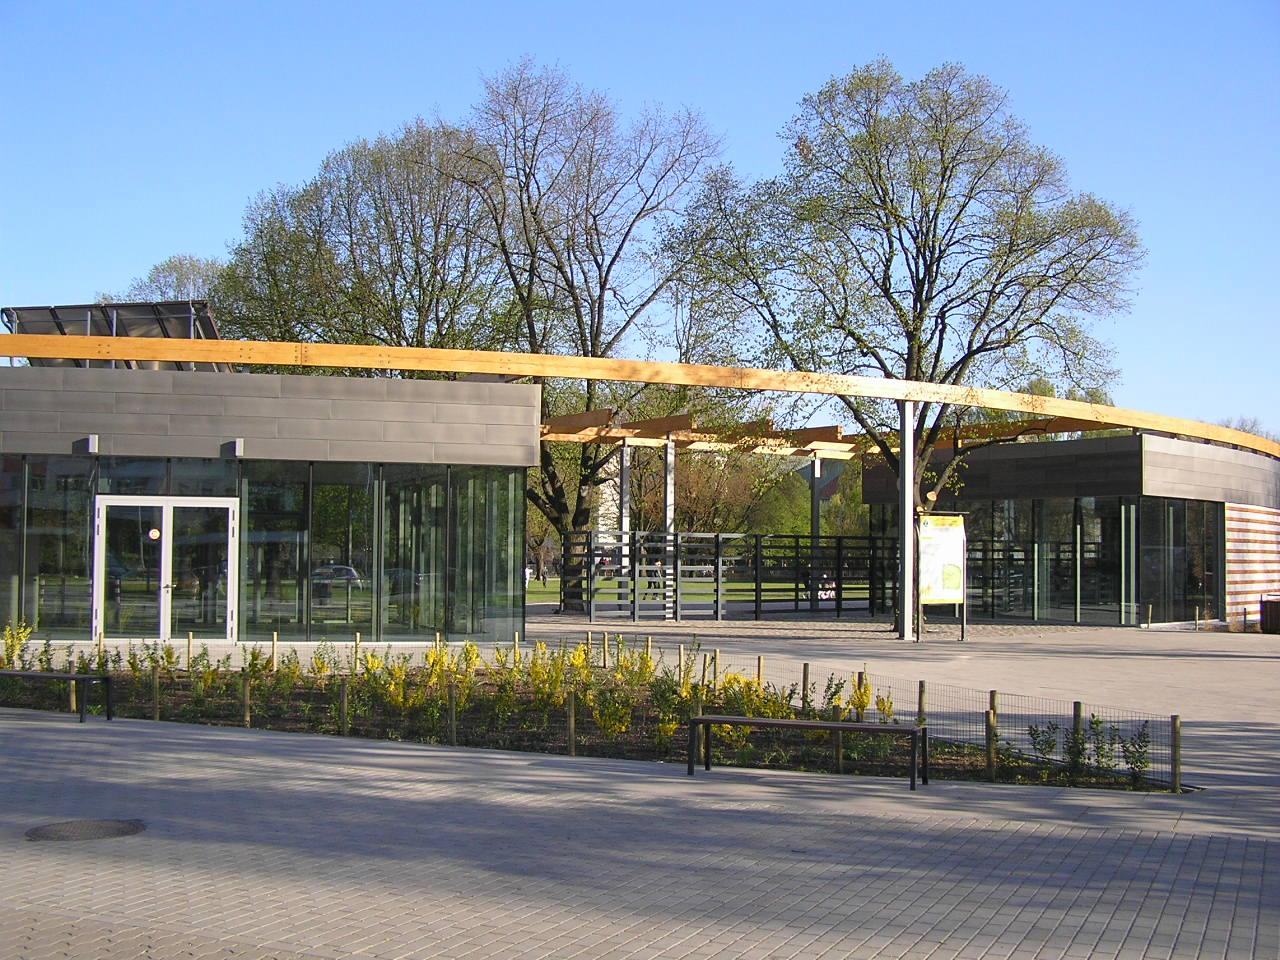 Pawilony w parku Polińskiego z adresami